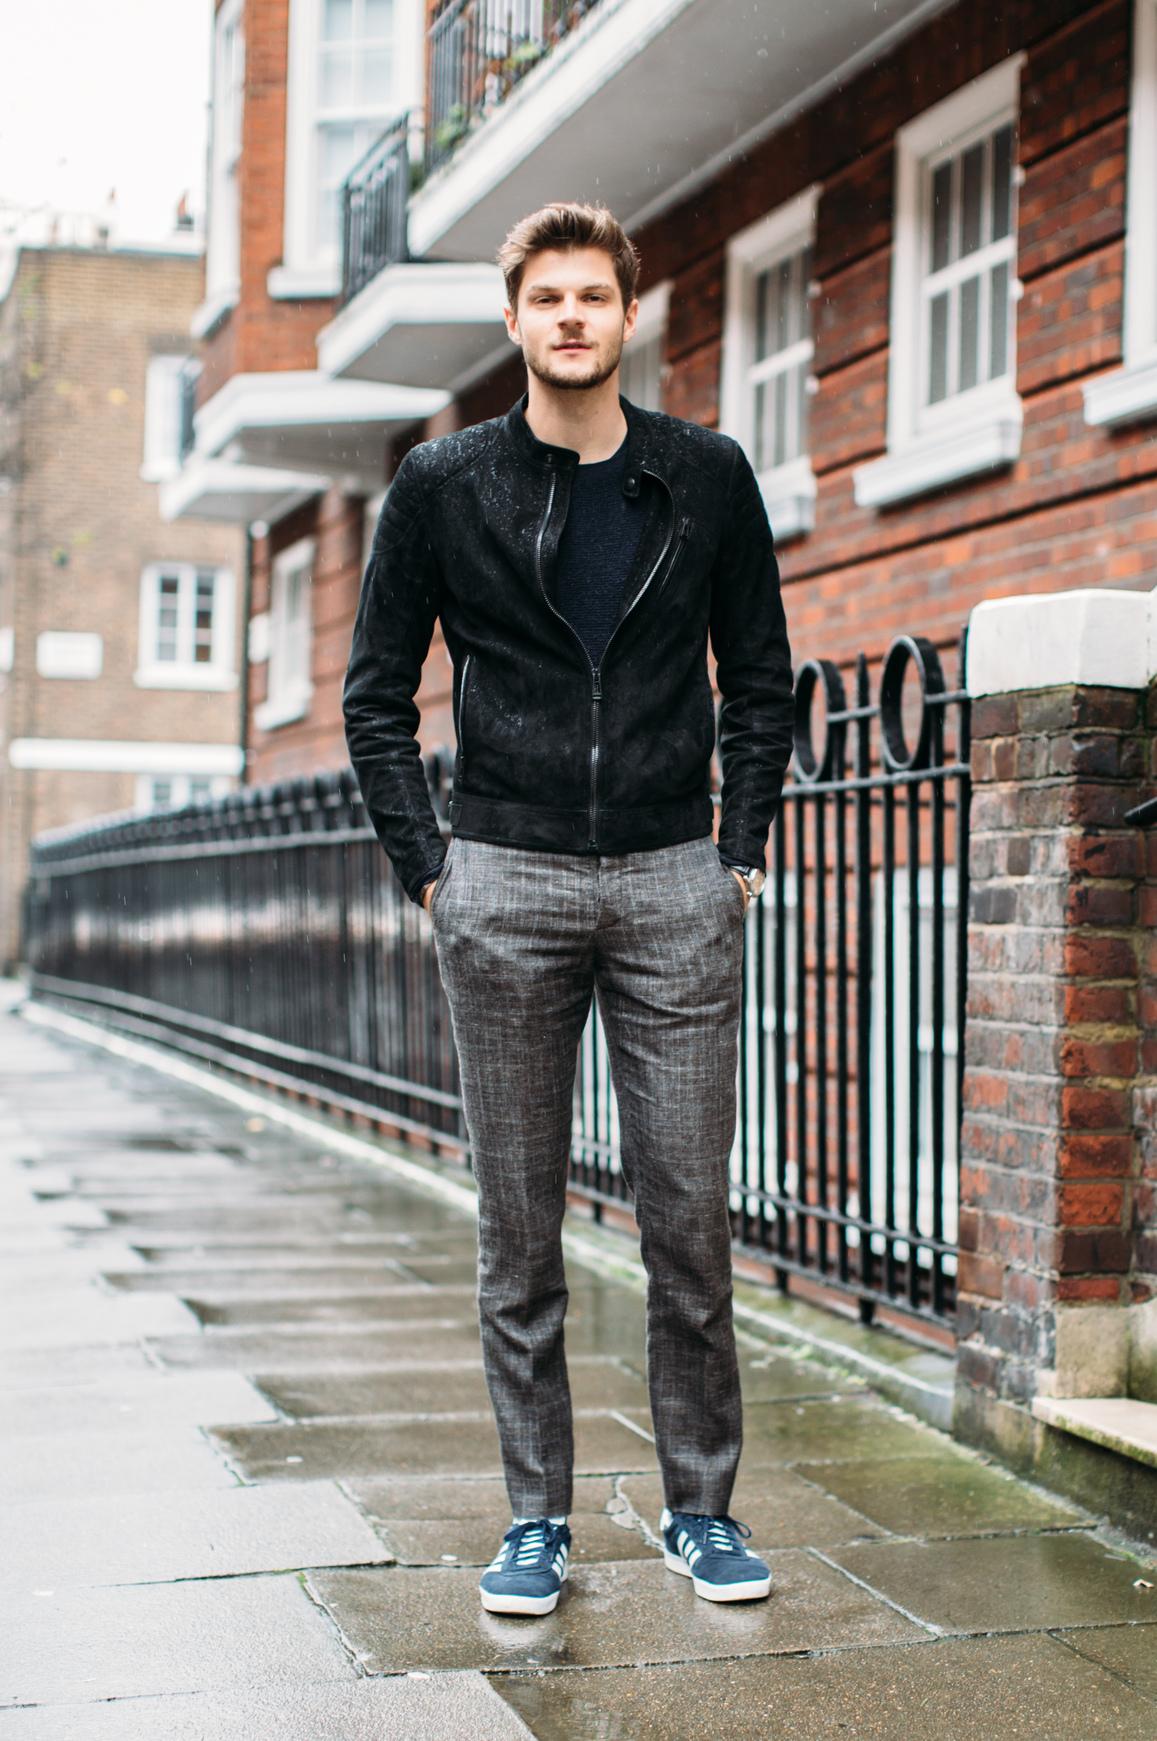 Szeroki tors i zgrabne umięśnione nogi to cechy męskiej sylwetki tego typu